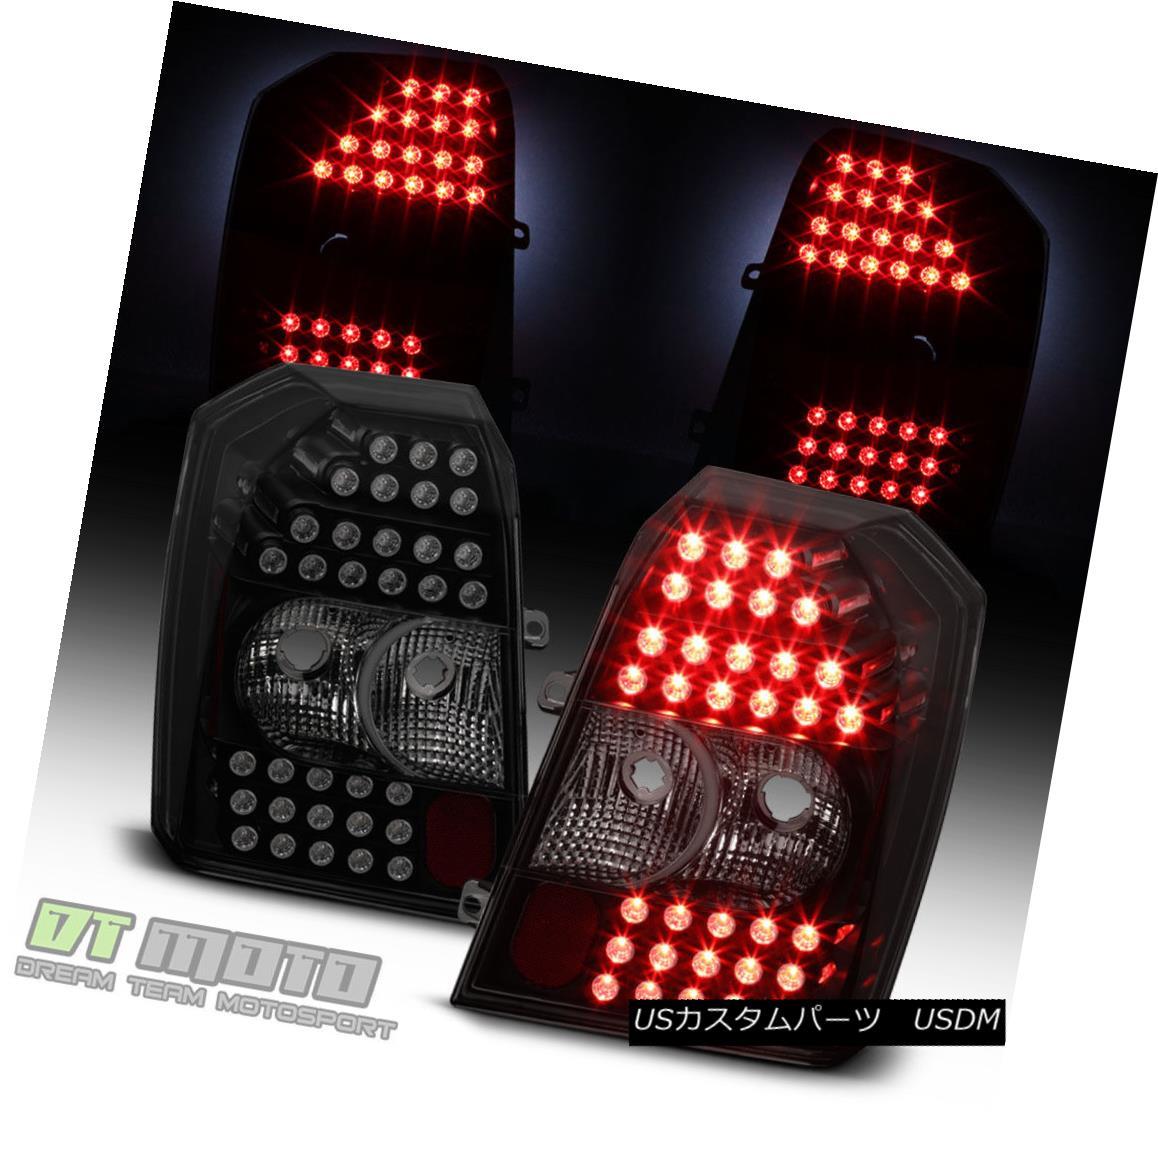 テールライト Black Smoked 2007-2012 Dodge Caliber LED Tail Lights Lamps 07 08 09 10 11 12 ブラックスモーク2007-2012ドッジキャリバーLEDテールライトランプ07 08 09 10 11 12